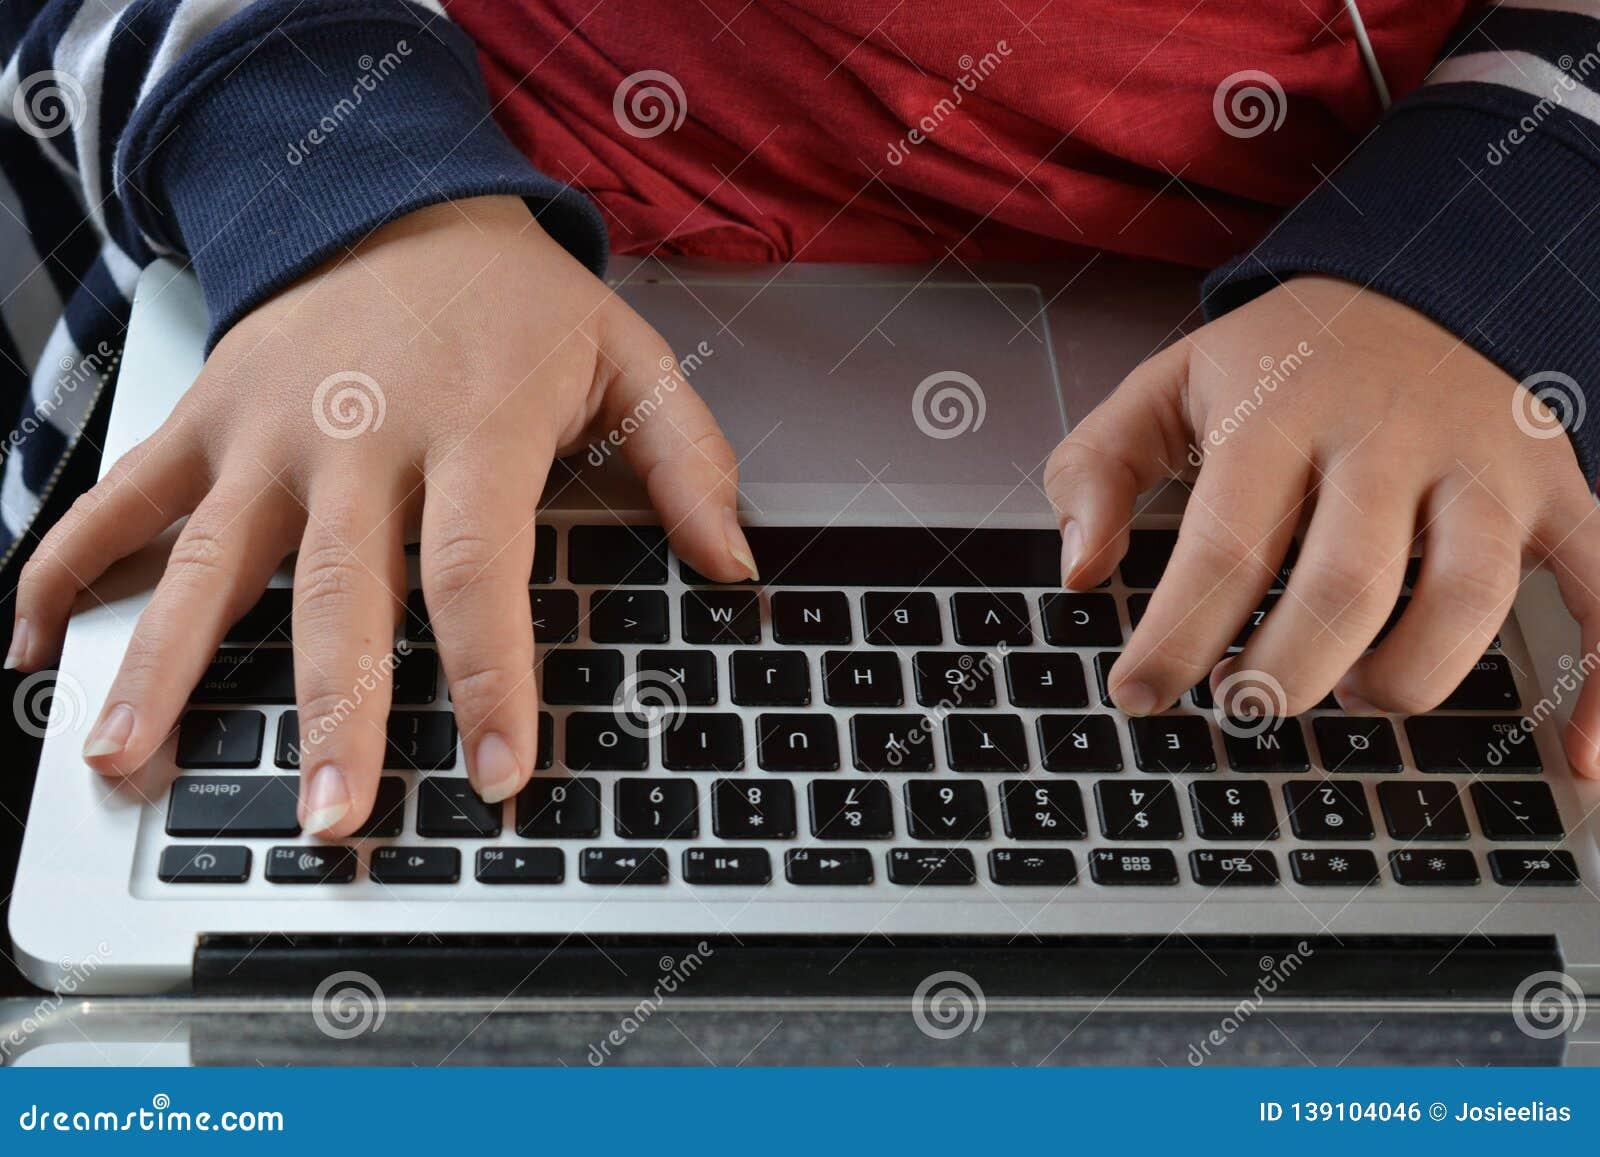 Millennial woman using a laptop computer, close up